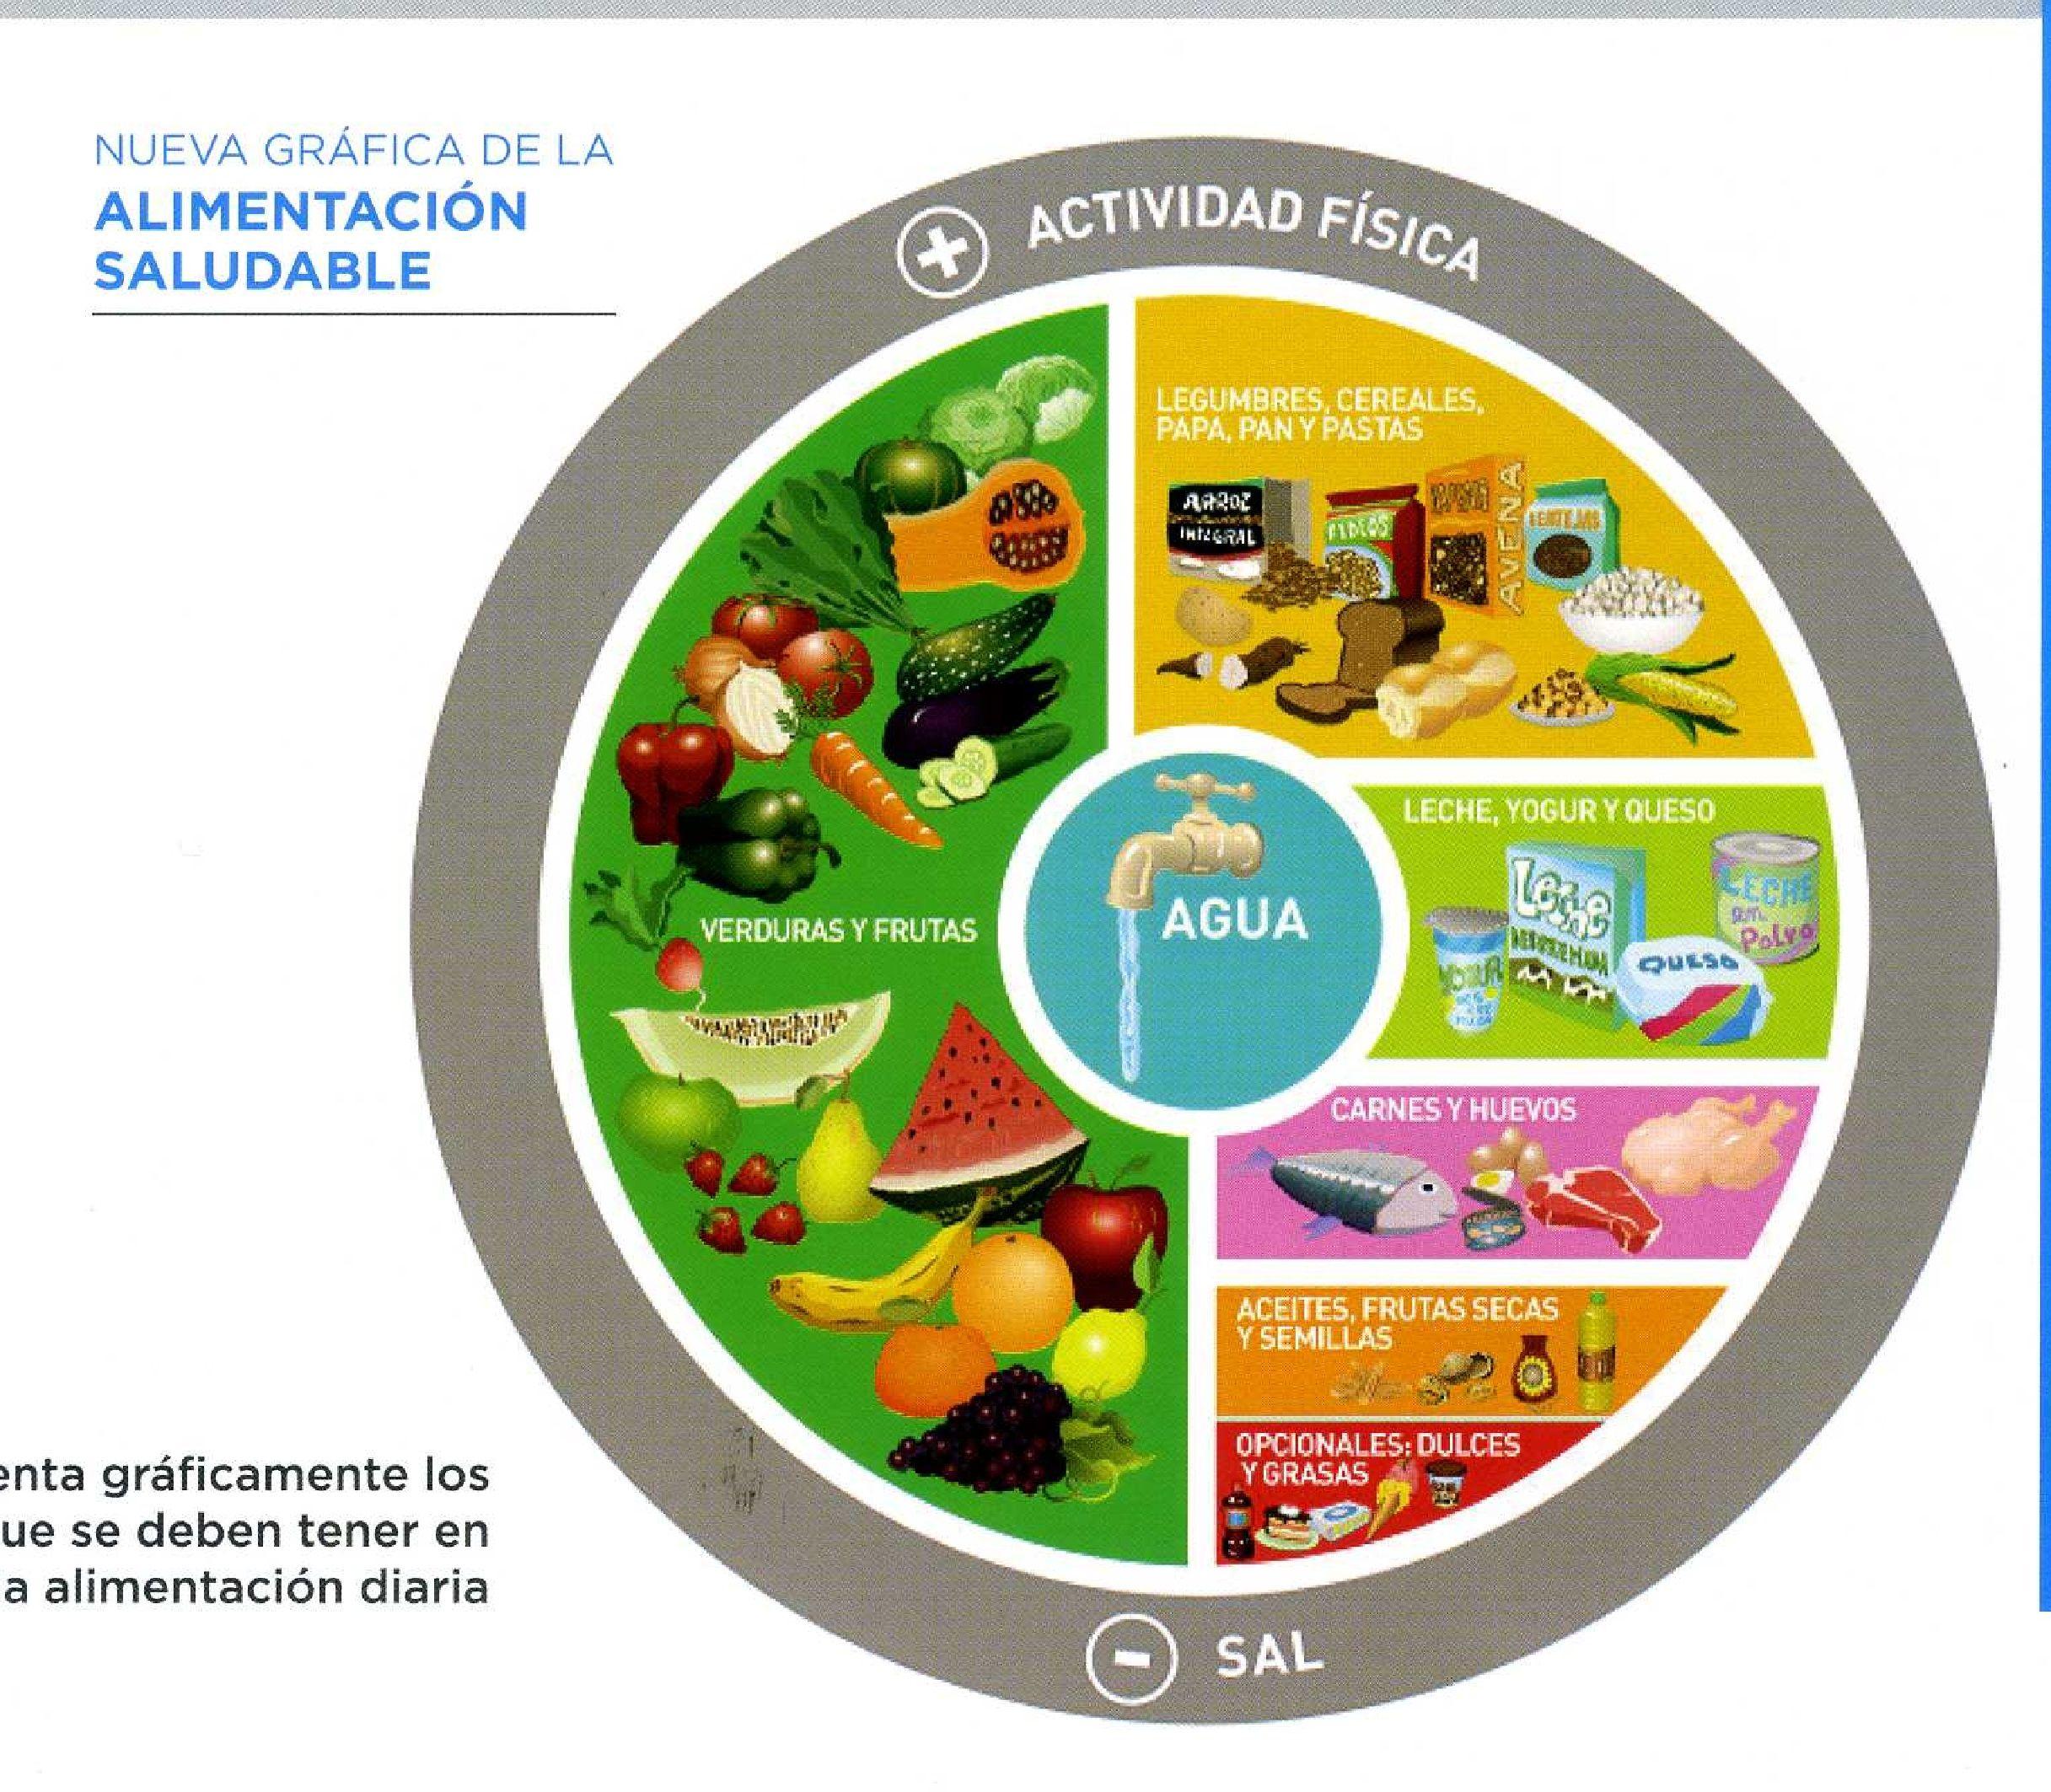 Nueva gráfica de la alimentación saludable. Gráfico